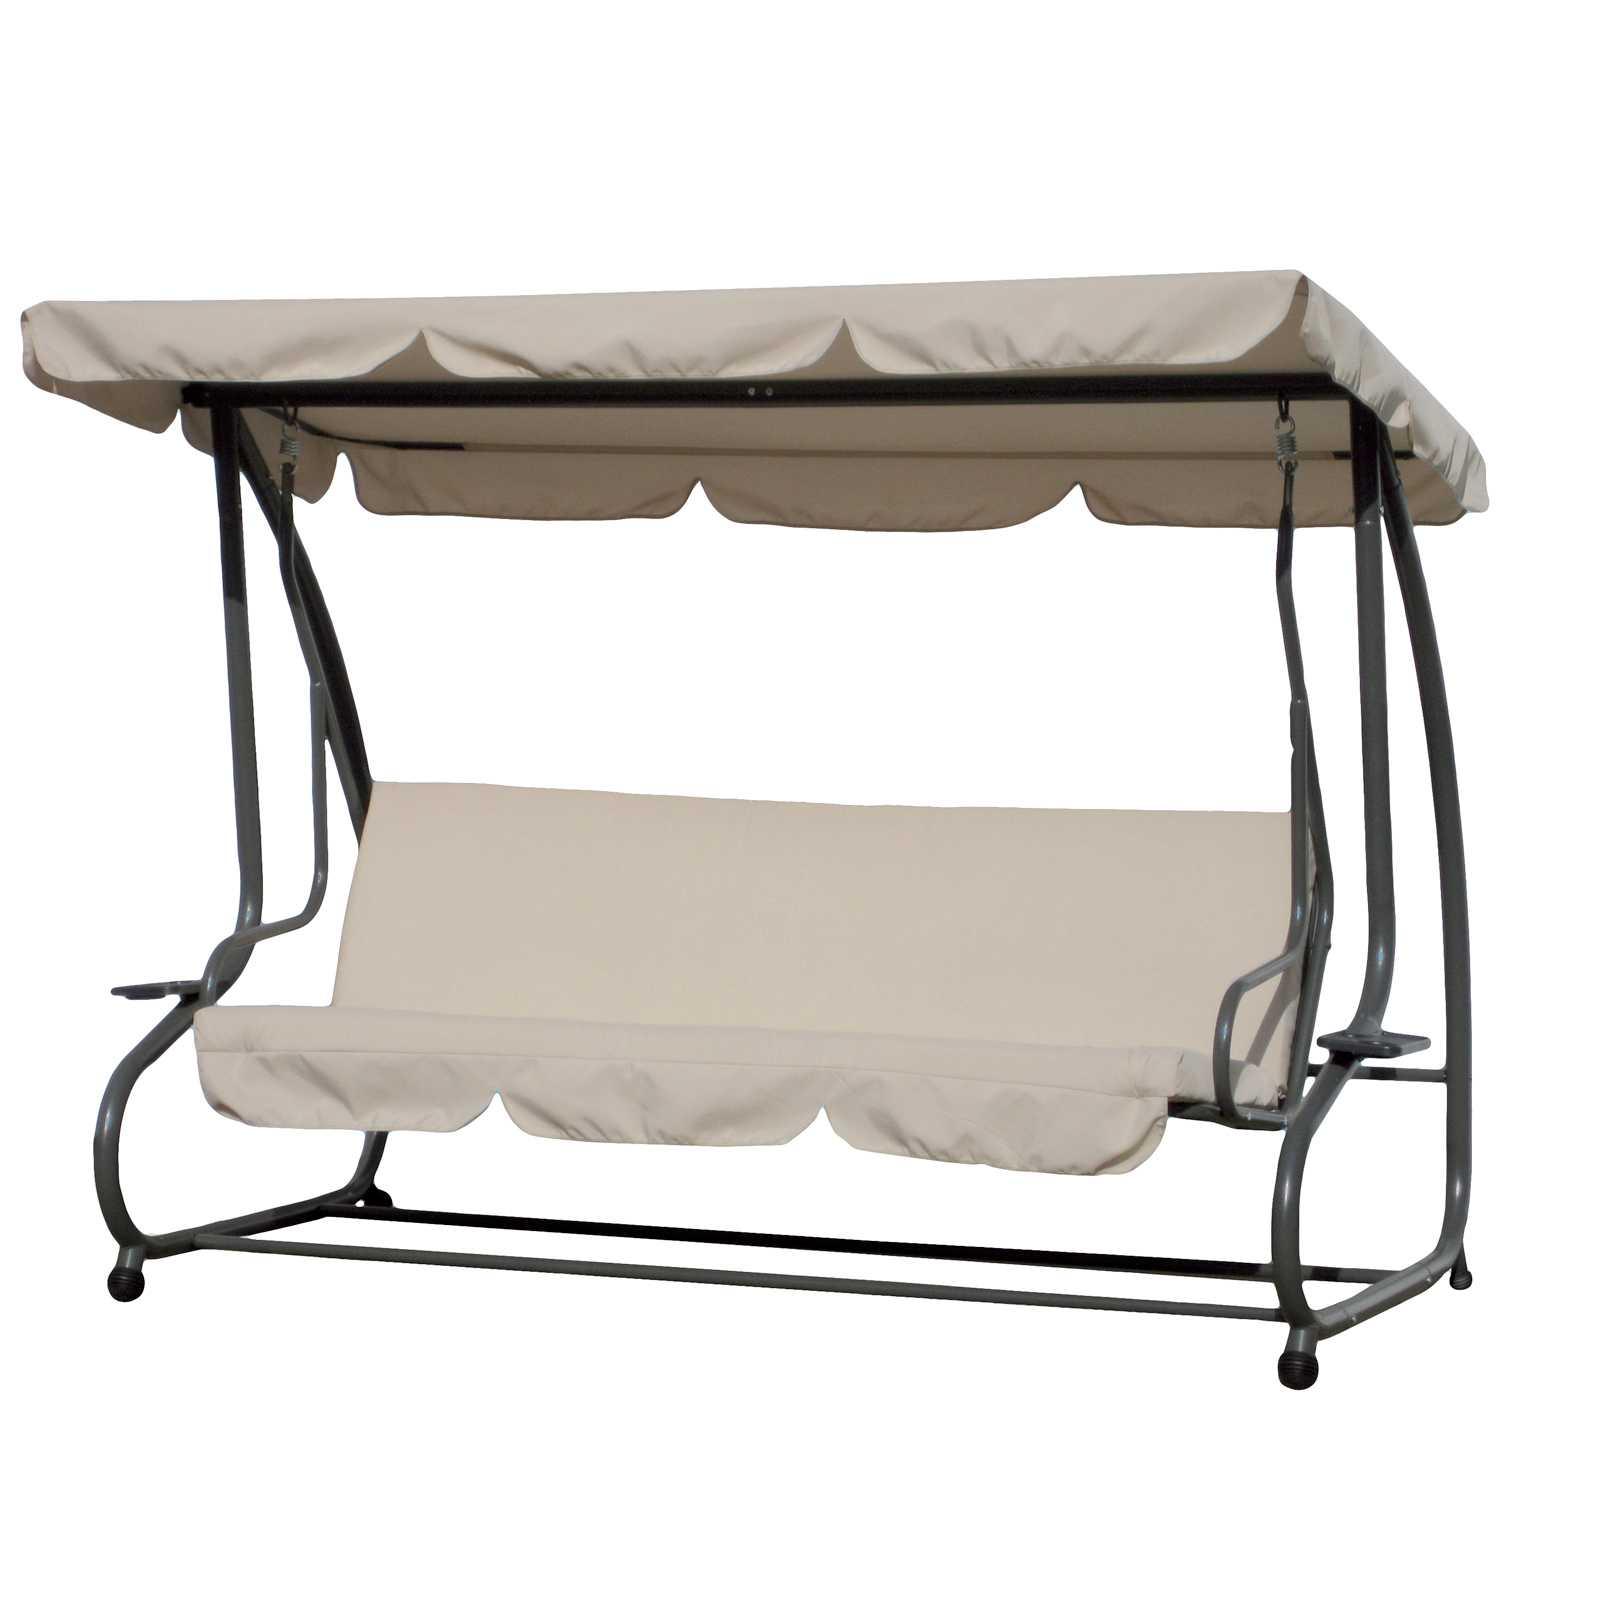 Dondolo Sofa in acciaio verniciato panna con sgancio rapido per trasformazione a letto